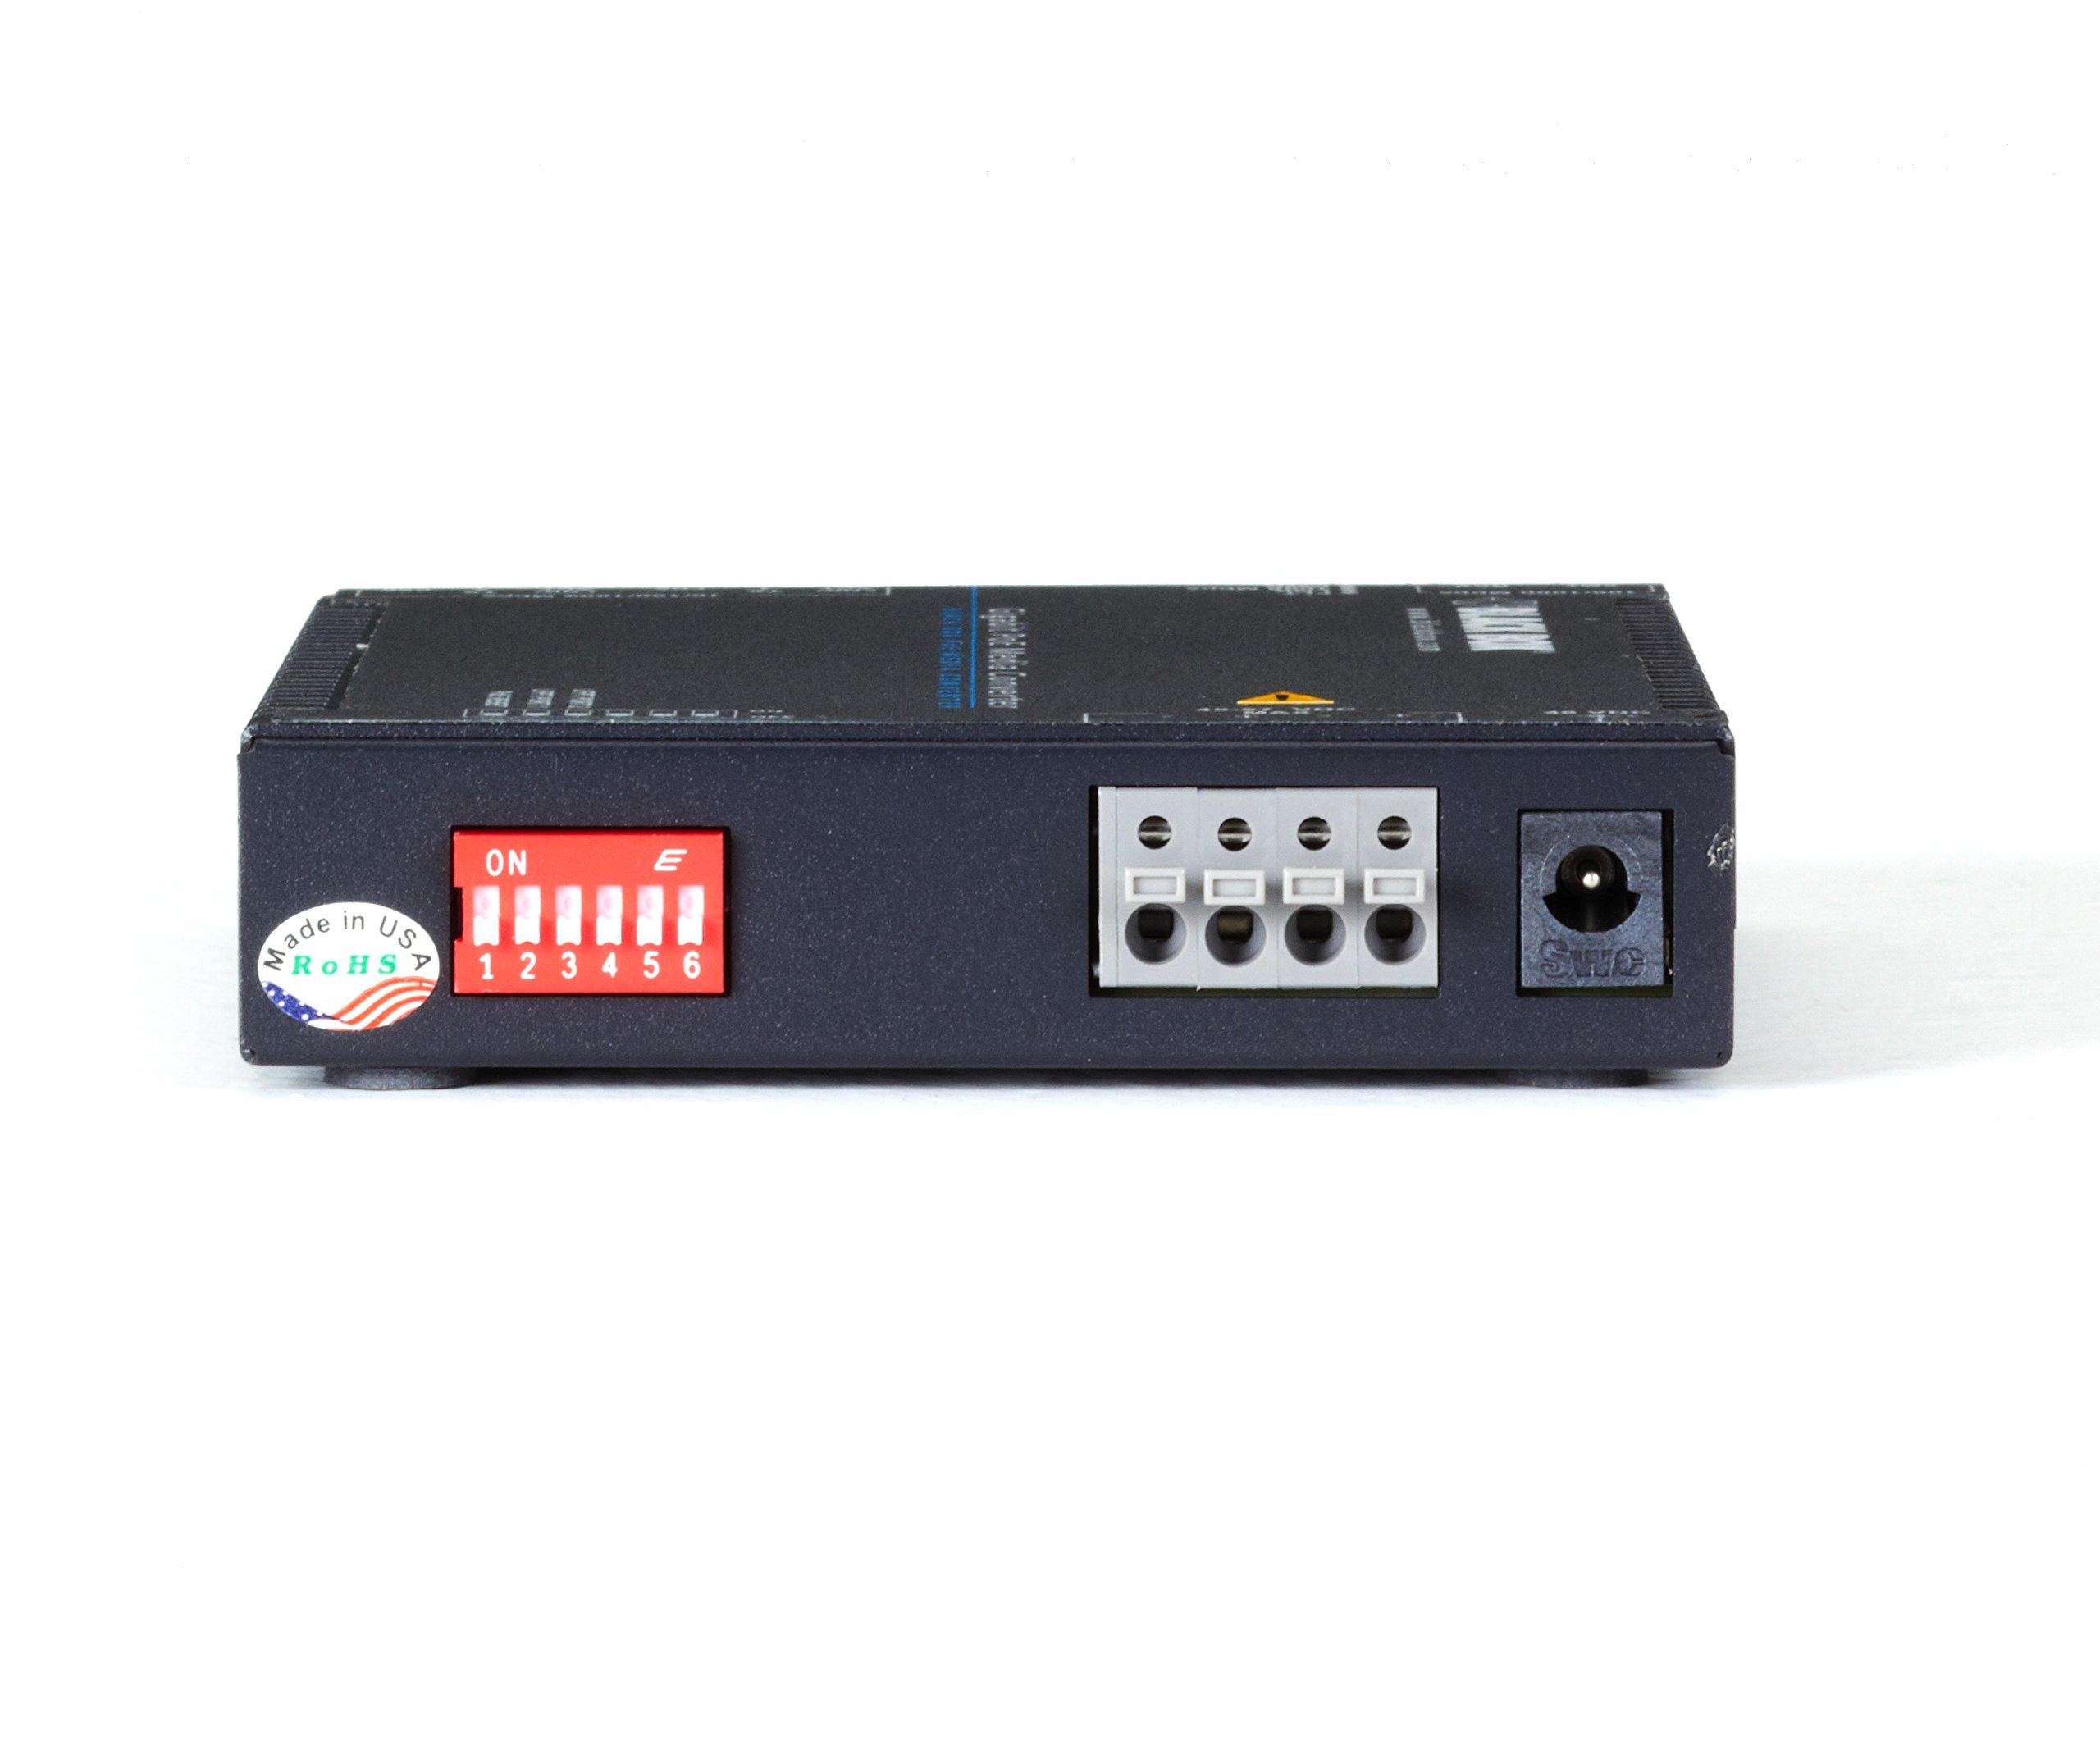 Black Box Media Converter Gigabit Ethernet PoE SFP